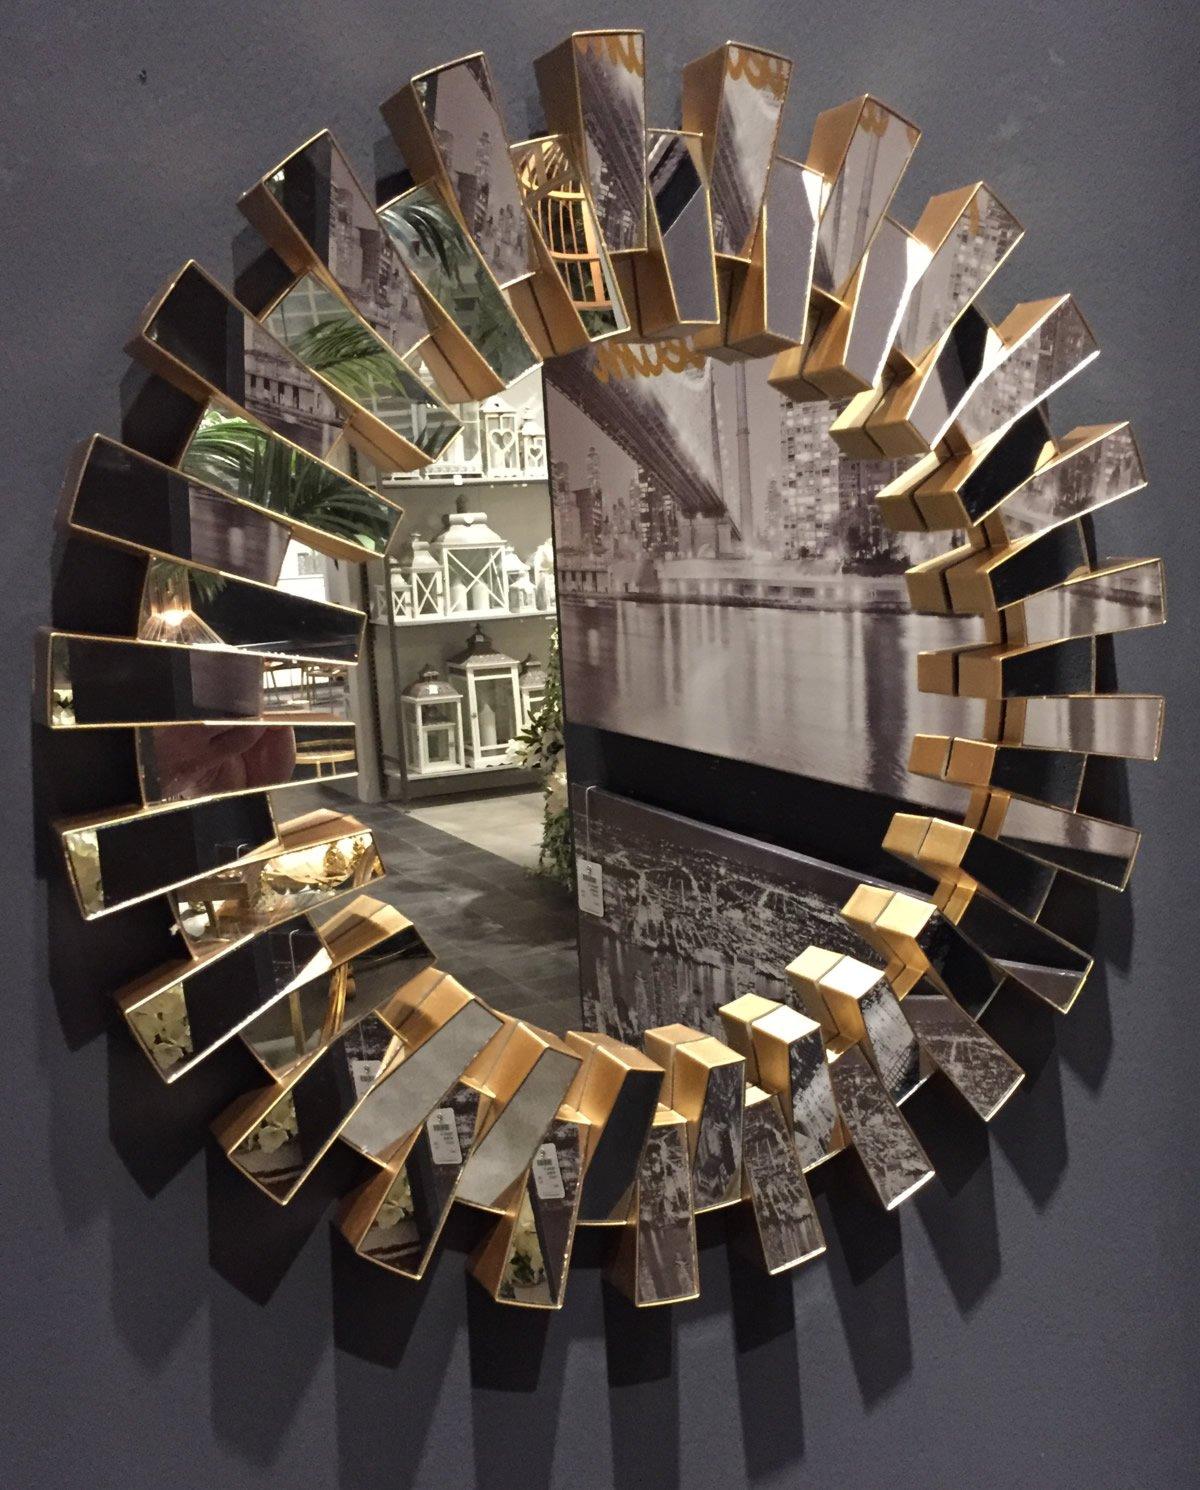 LS-LebenStil LS Design Wandspiegel Rund Rahmen Gold Spiegelfläche ...